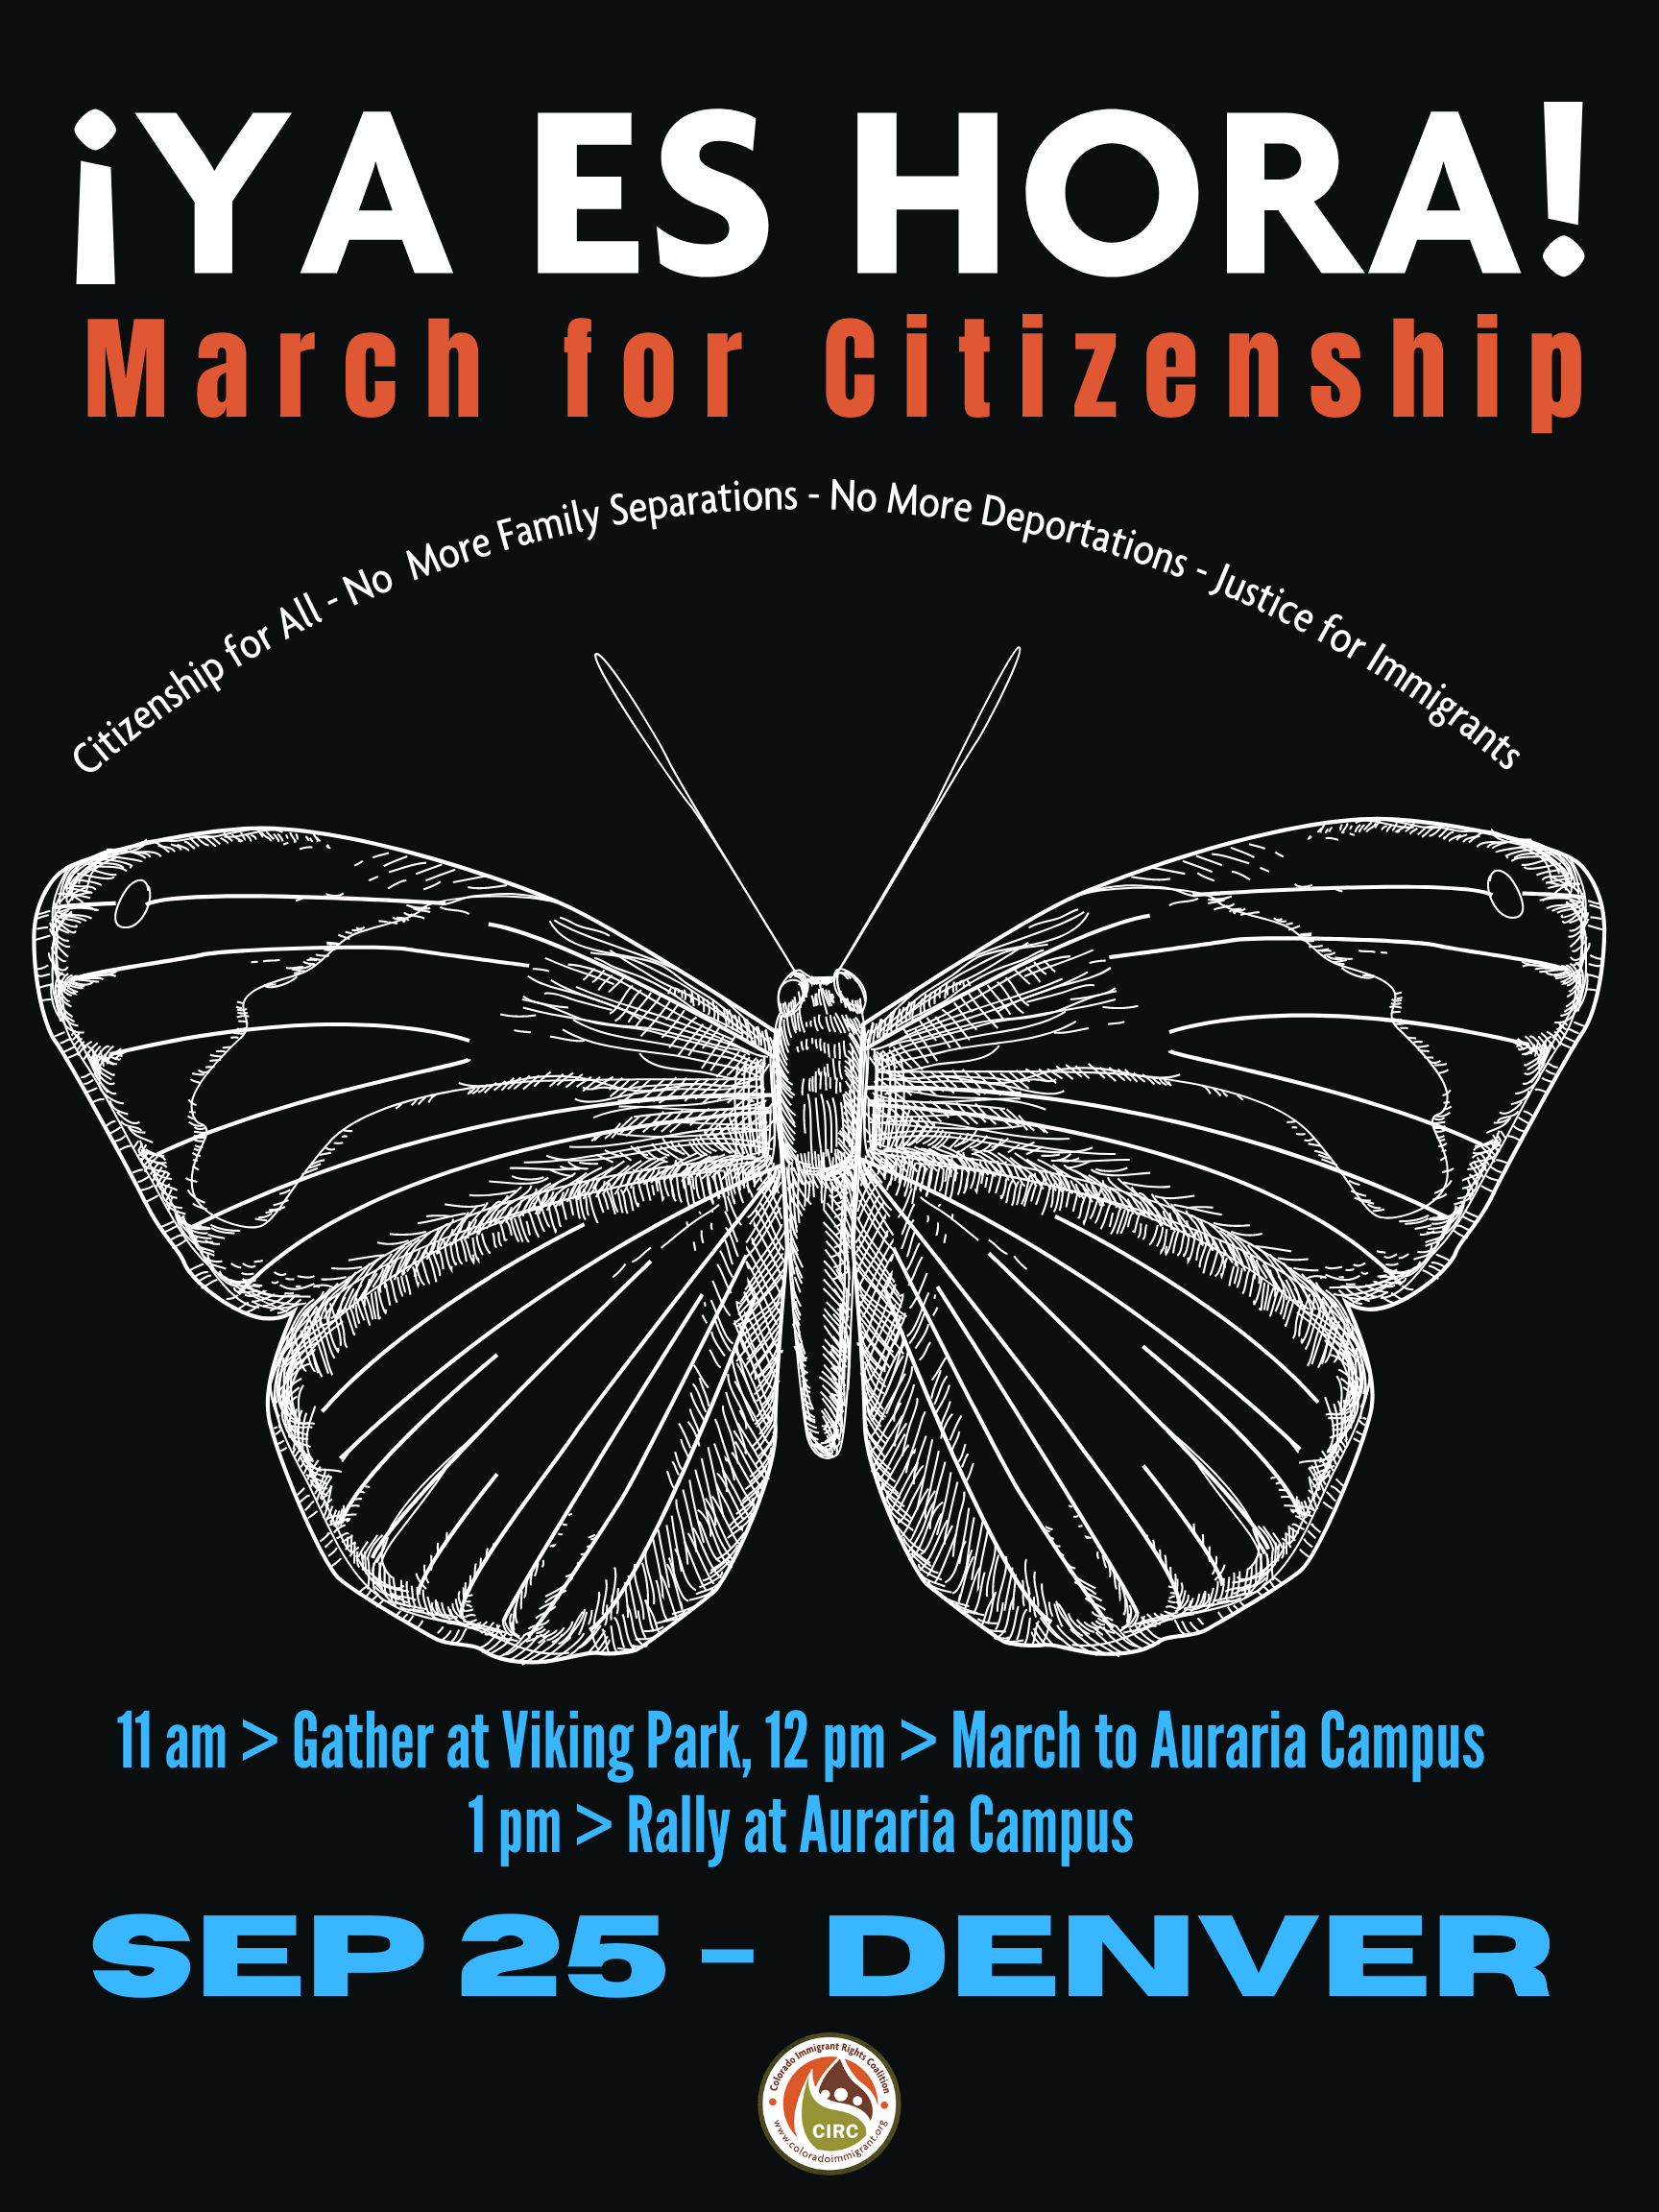 March for Citizenship: Sept 25! // ¡Marcha para la ciudadanía: 25 de septiembre!